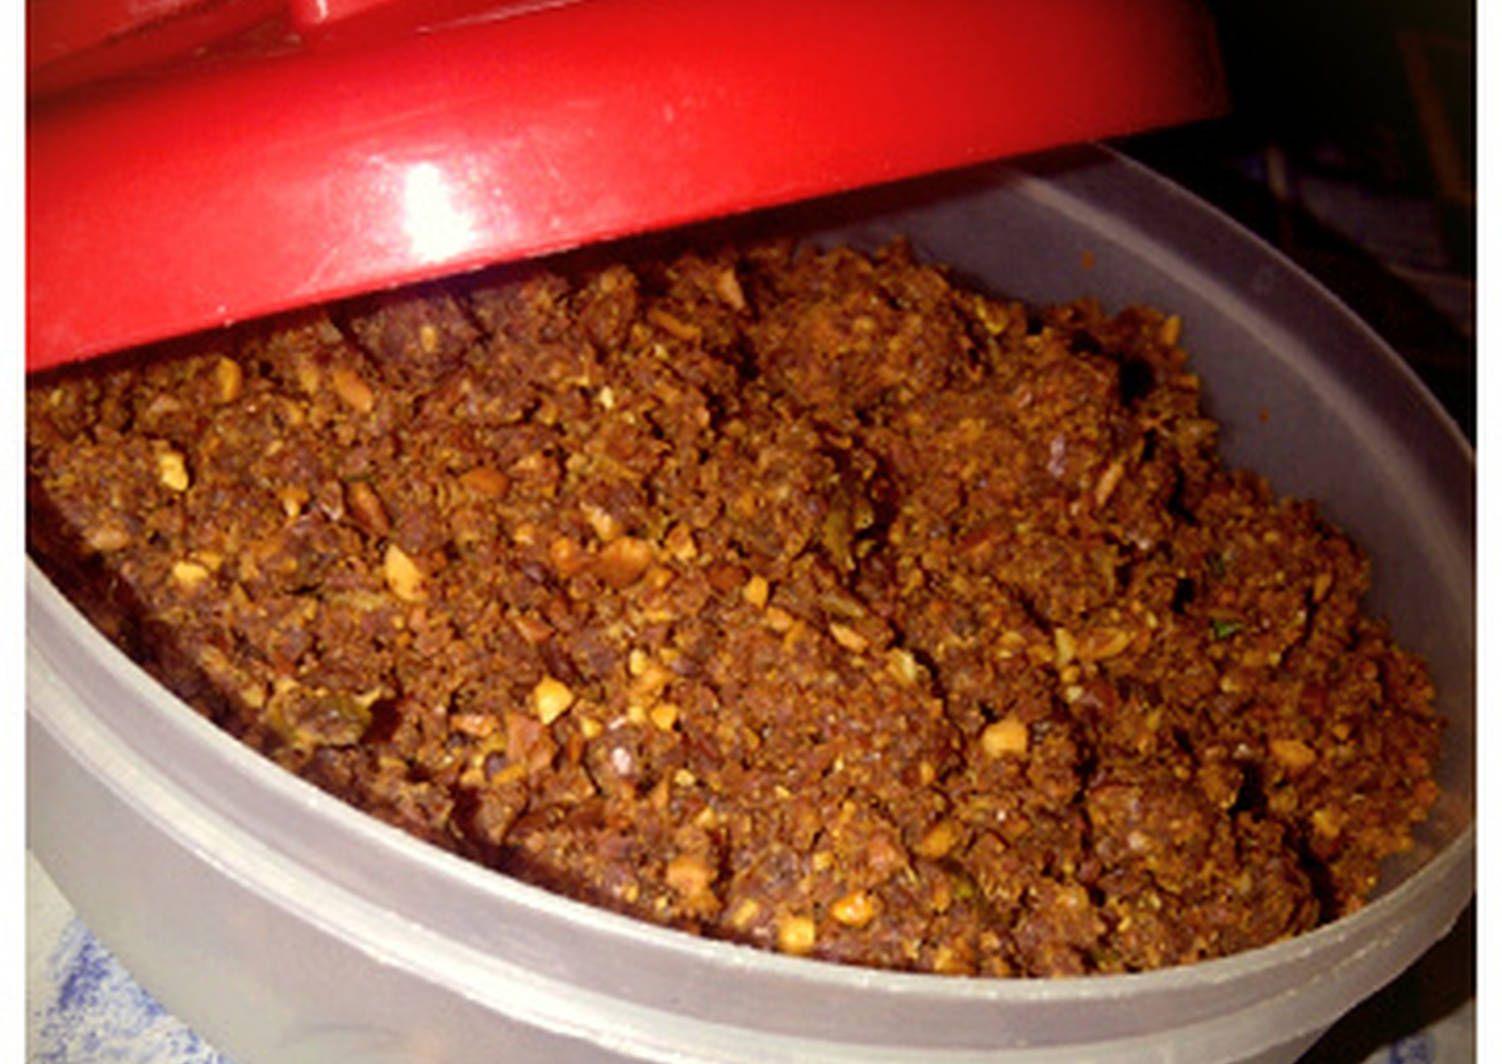 Resep Sambal Kacang Bumbu Pecel Gado2 Oleh Mama Wafiy Resep Kacang Makanan Dan Minuman Resep